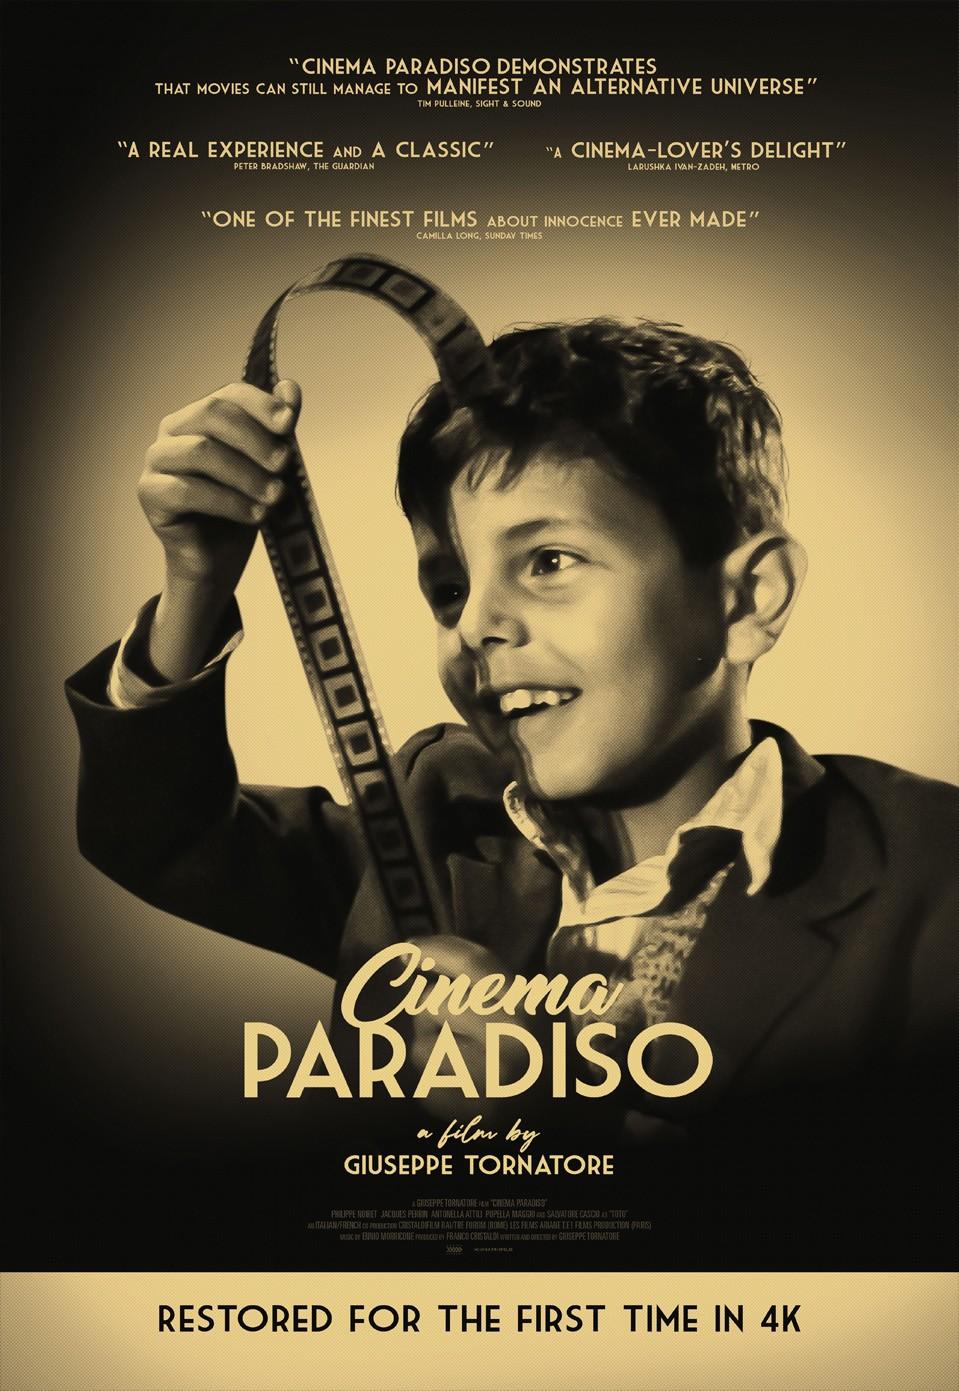 CINEMA PARADISO [Nuovo Cinema Paradiso]